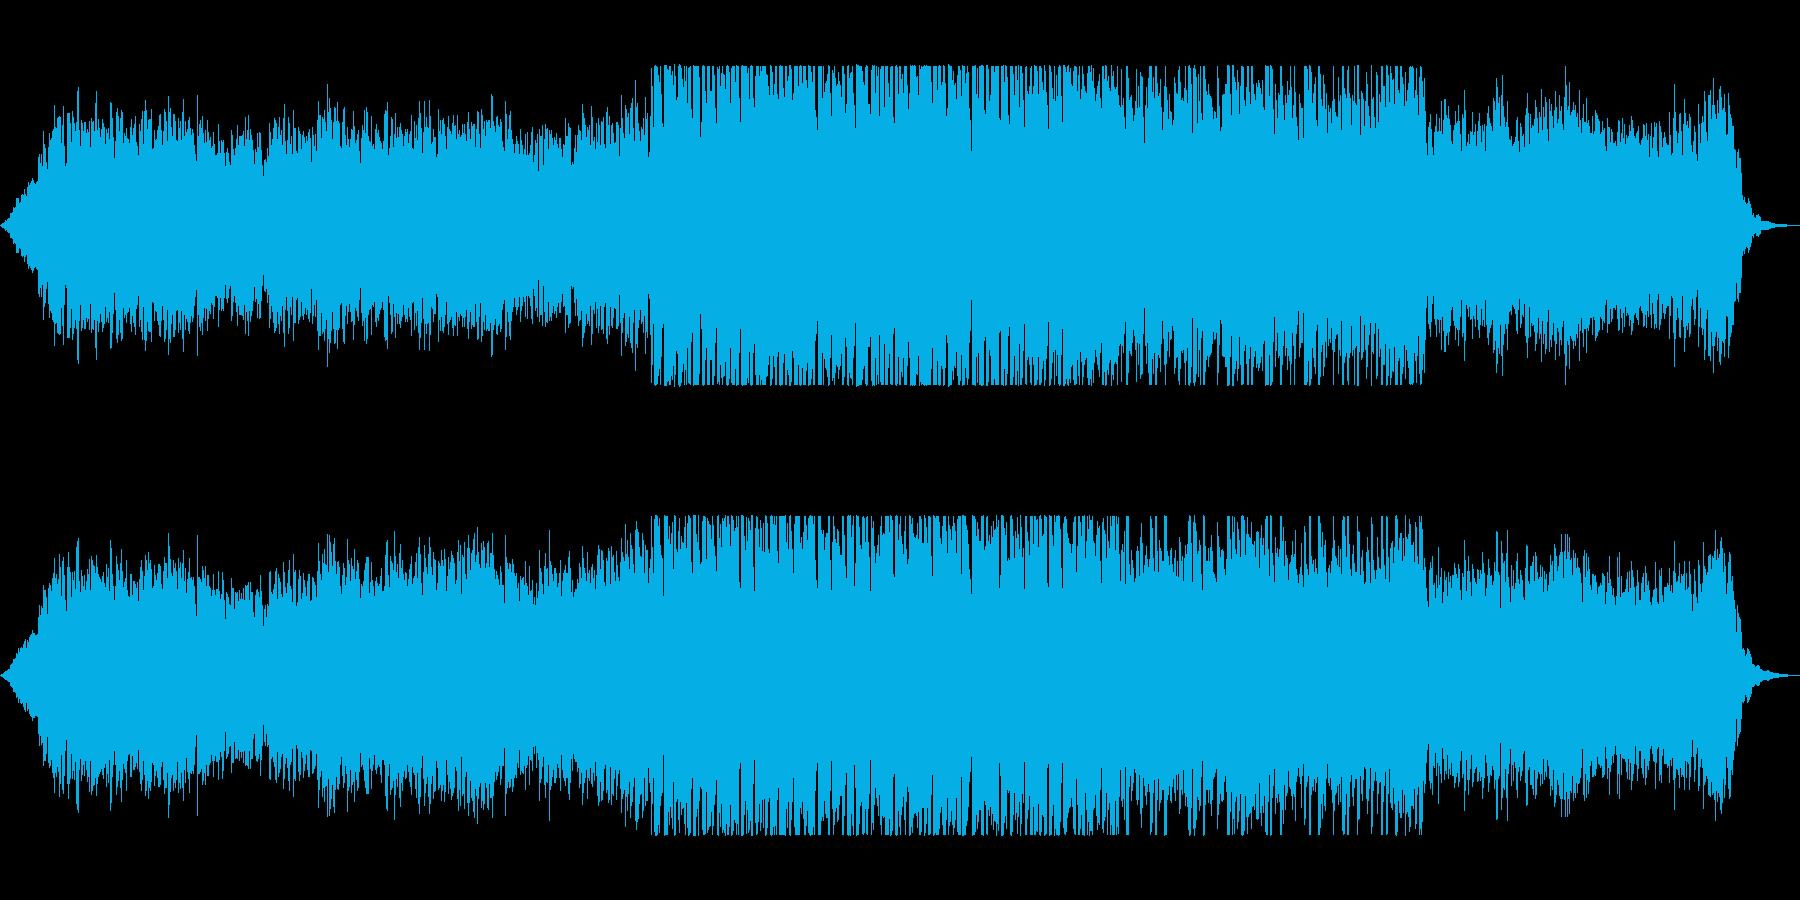 切ない雰囲気のギター曲の再生済みの波形